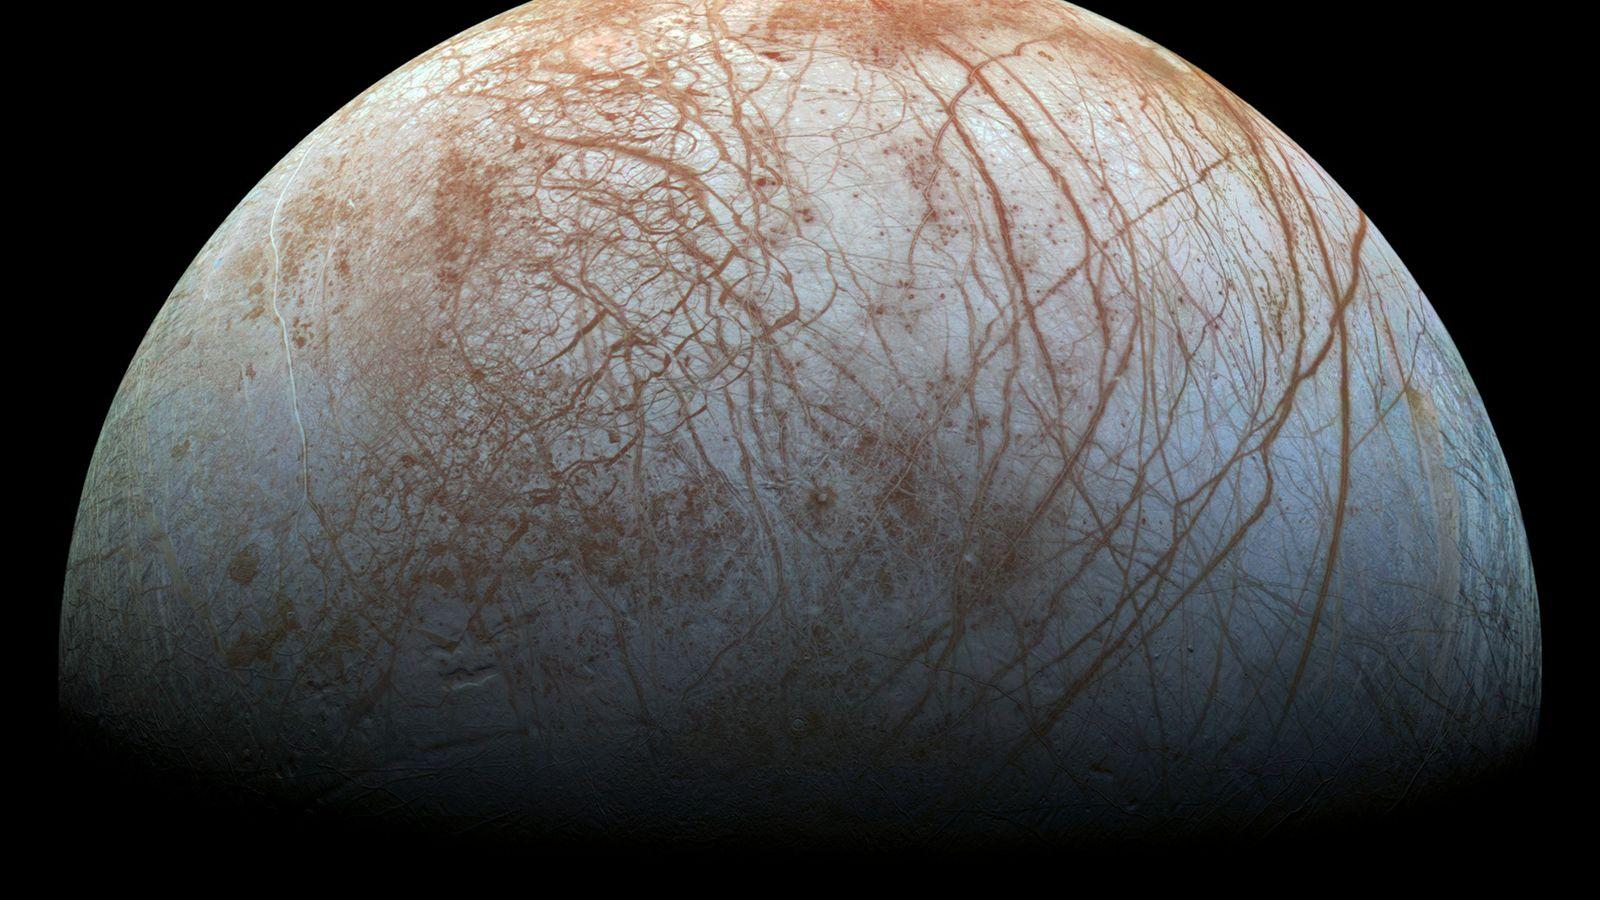 Europe est le quatrième plus gros satellite de Jupiter. Sous sa surface glacée se trouve un ...